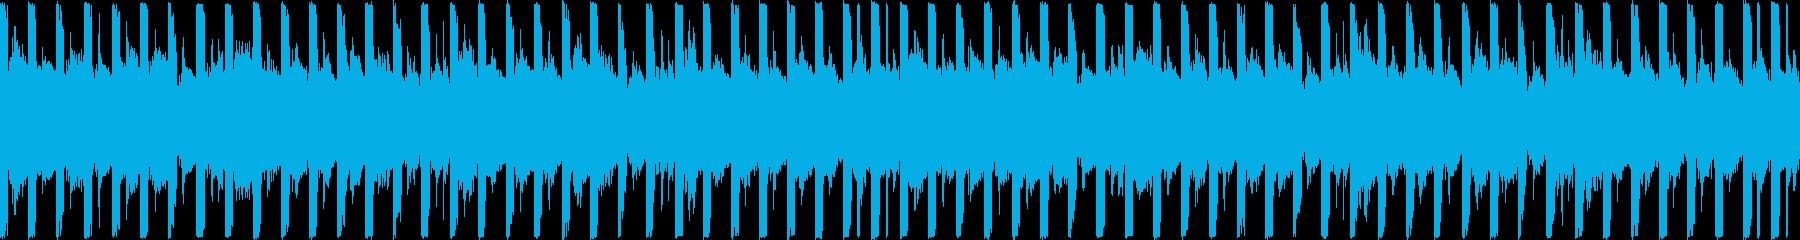 運動・フィットネス/30秒ループ曲1の再生済みの波形